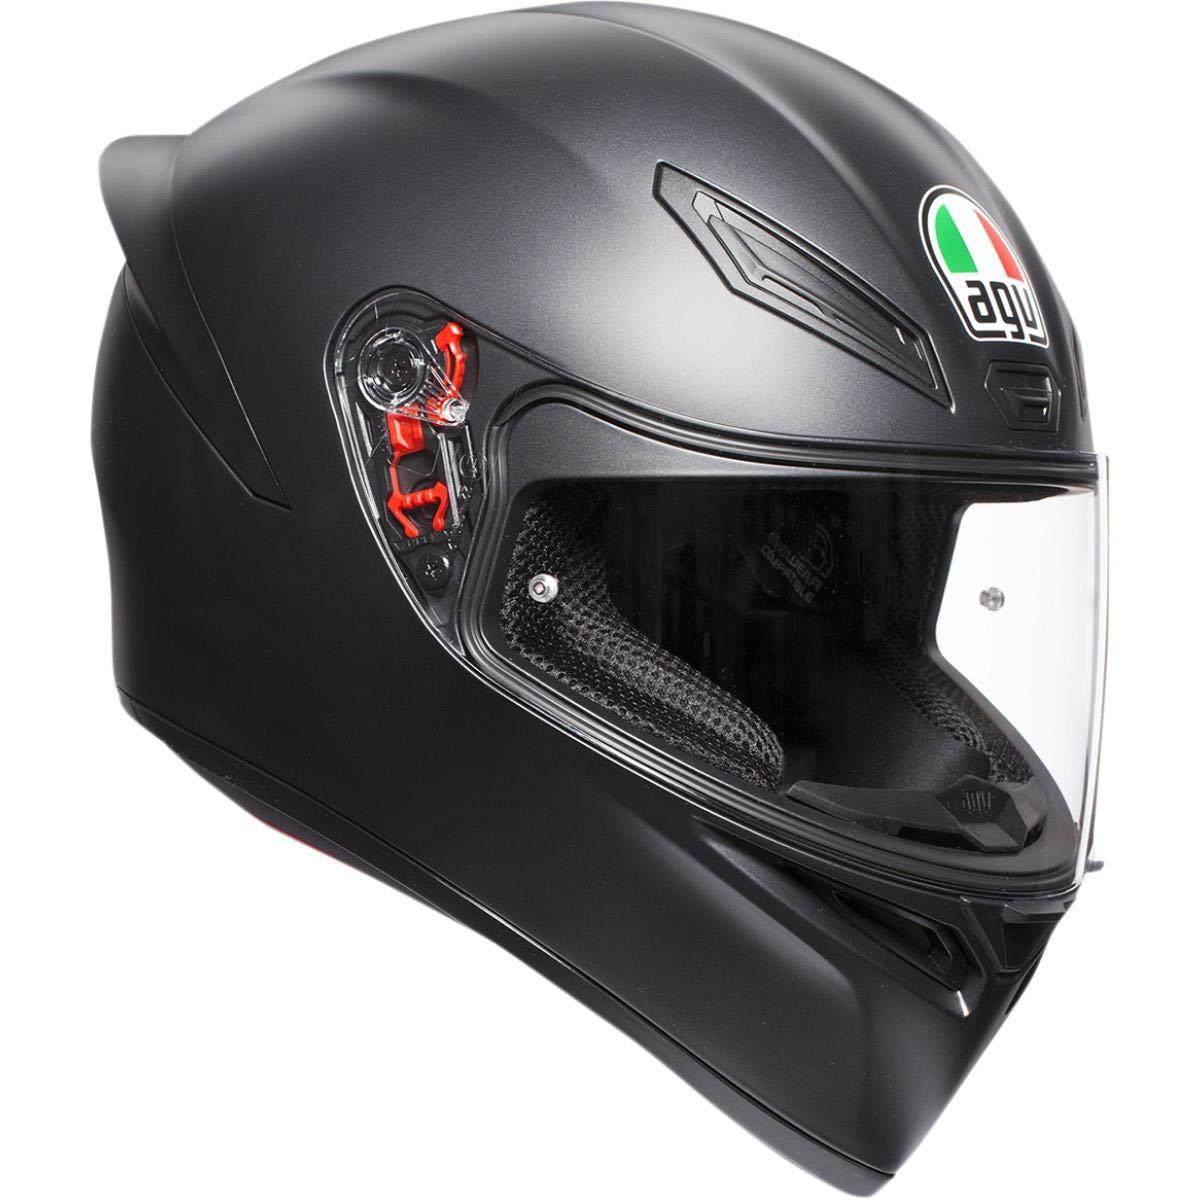 Amazon.com: AGV K1 Mono - Casco de motocicleta, color negro ...